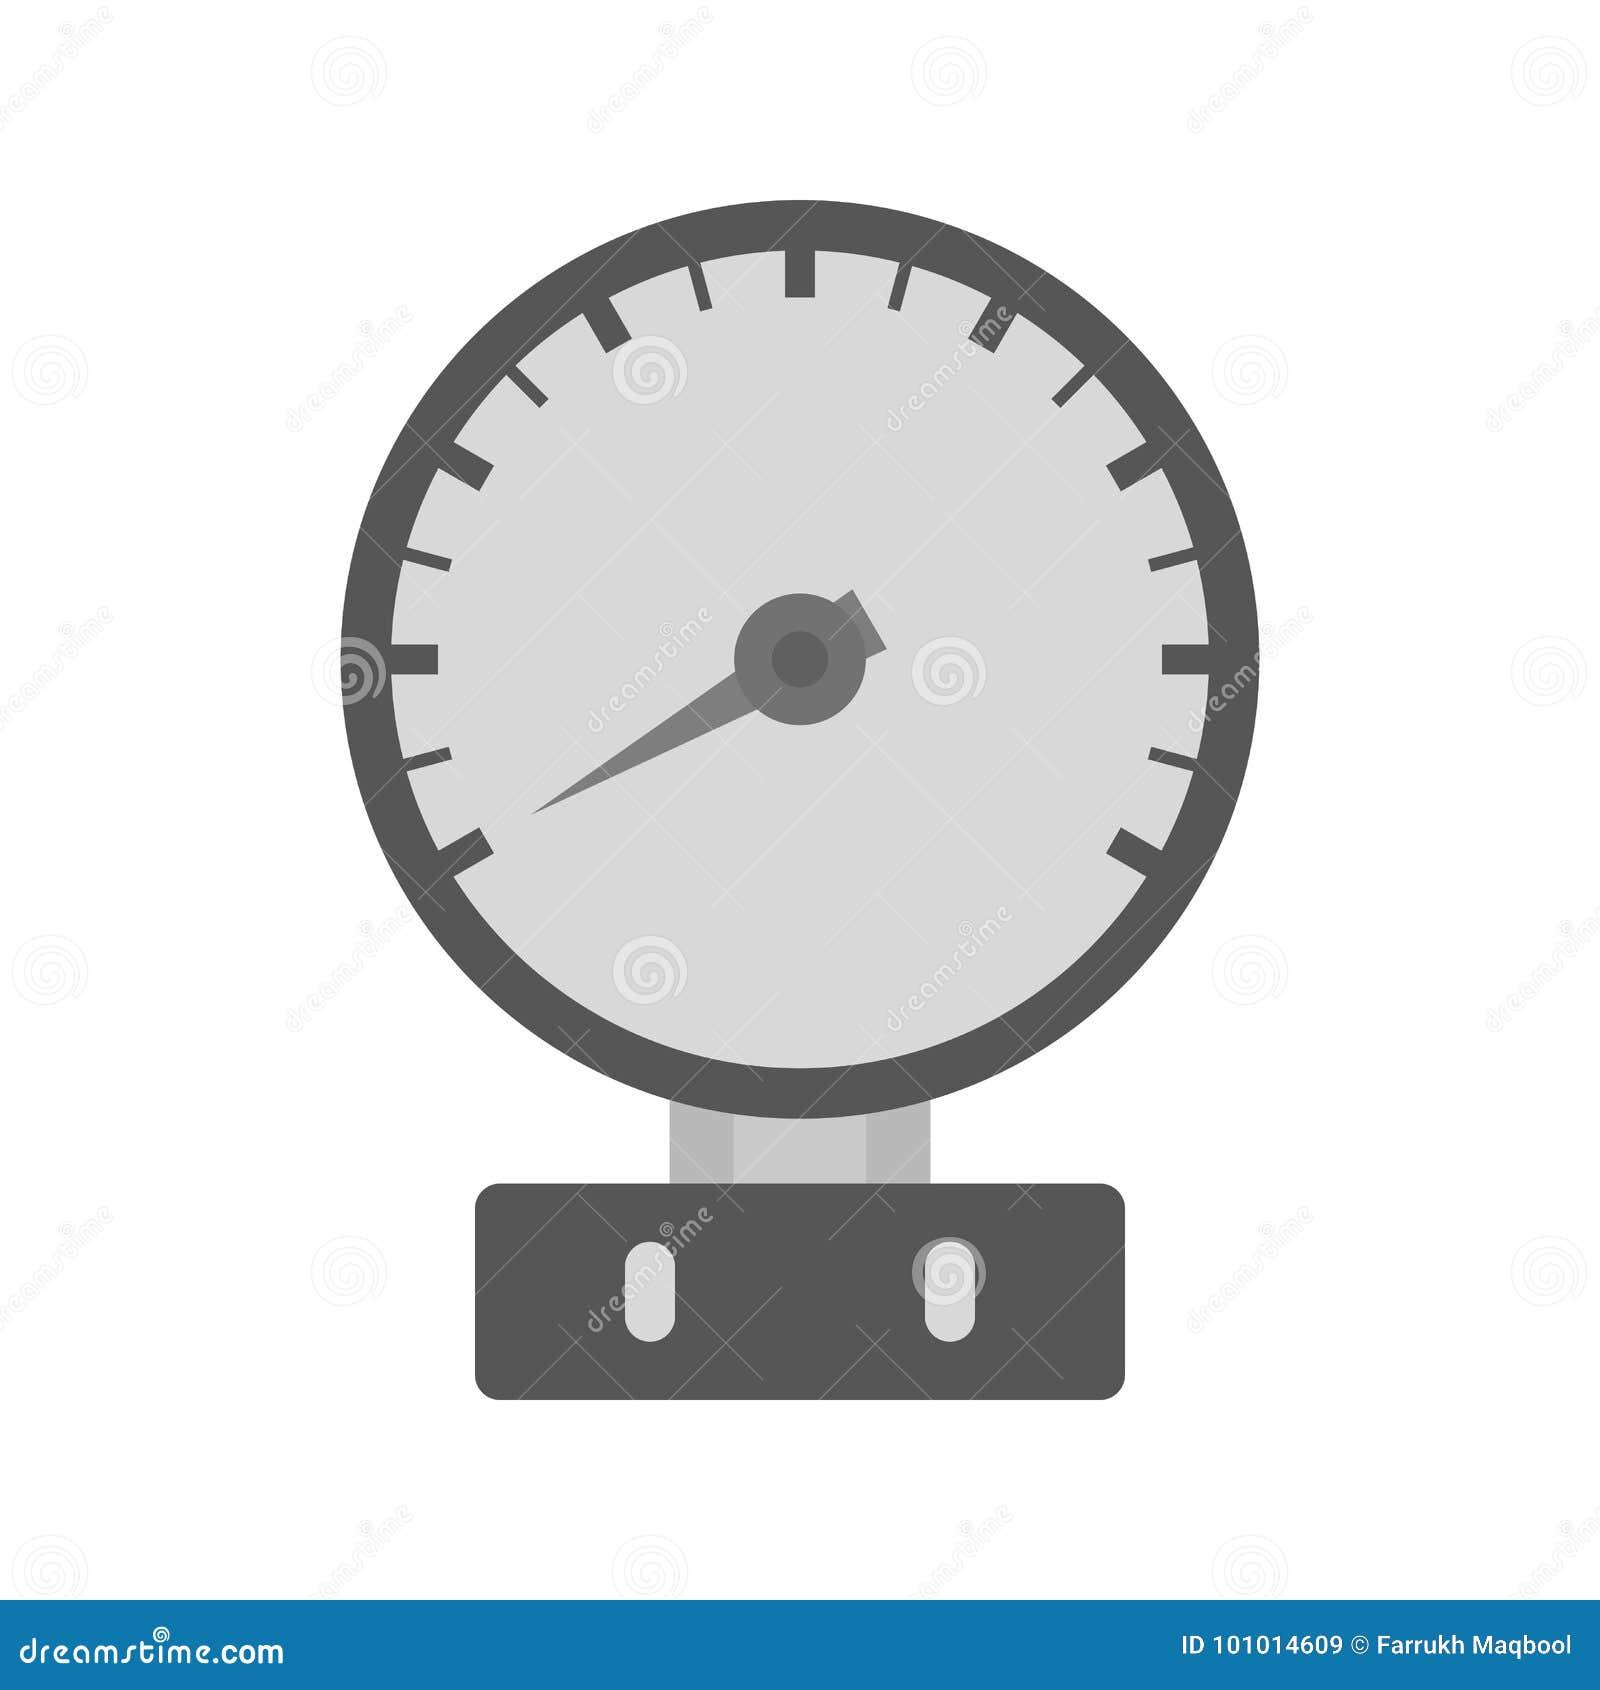 Web gauge free download